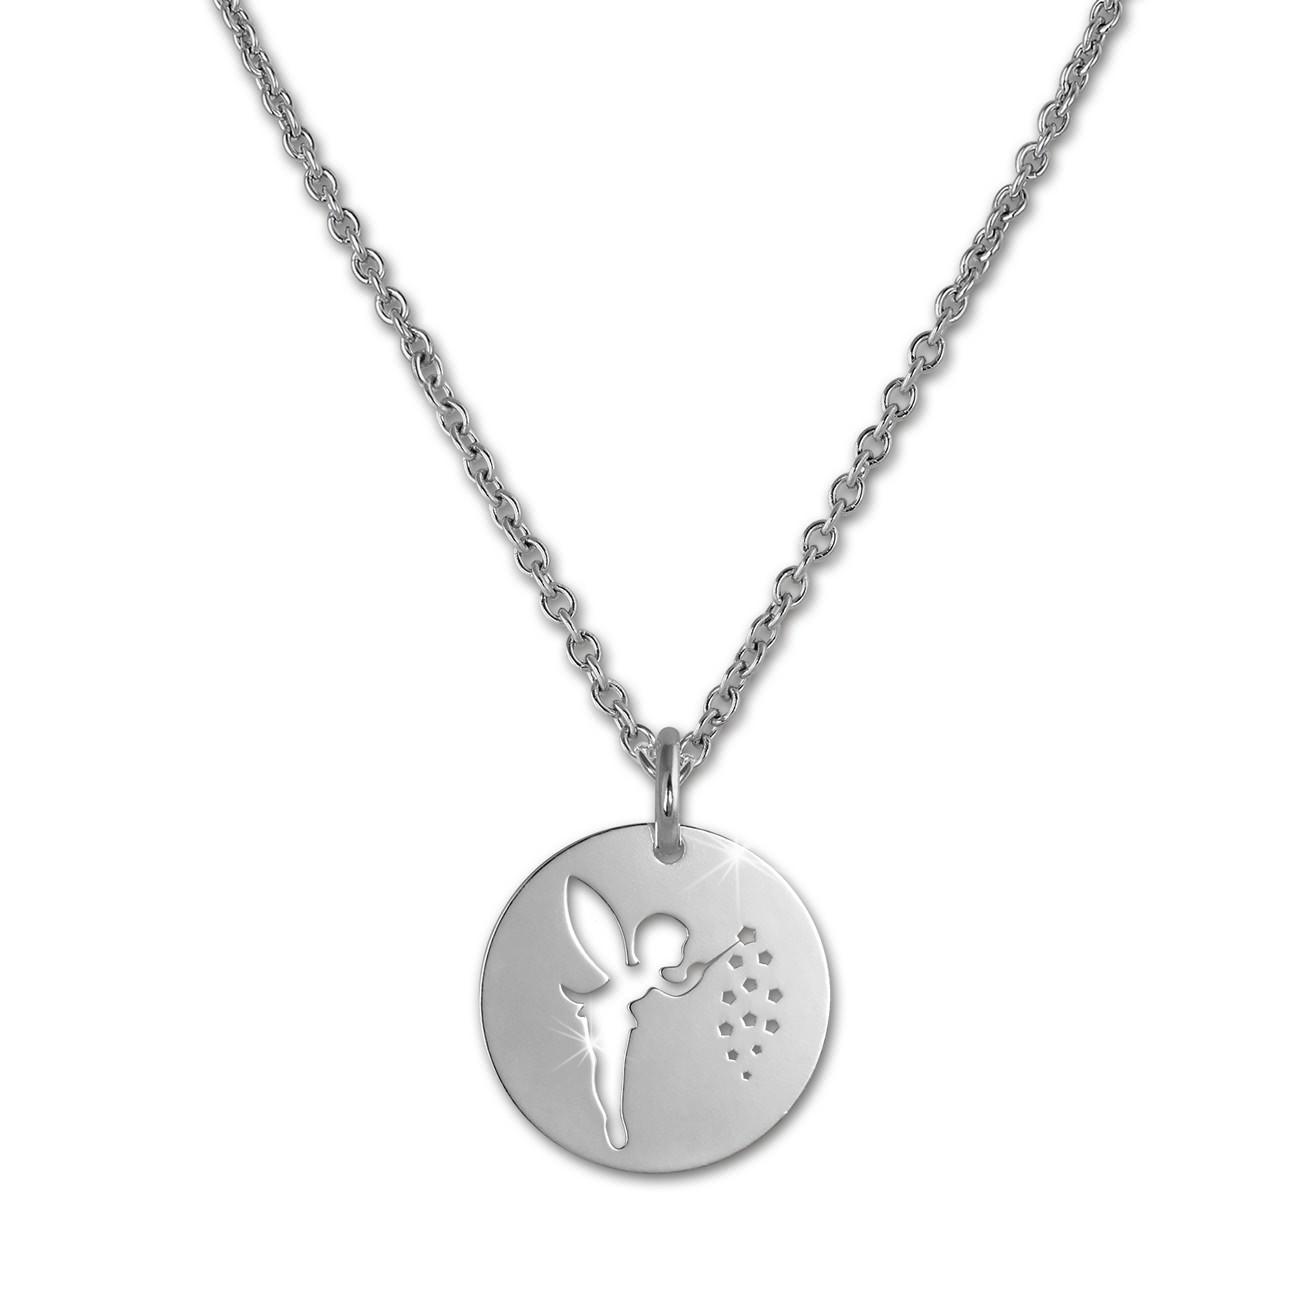 SilberDream Halskette mit Anhänger Zaubernde Fee 925er Silber Kette SDK29442J